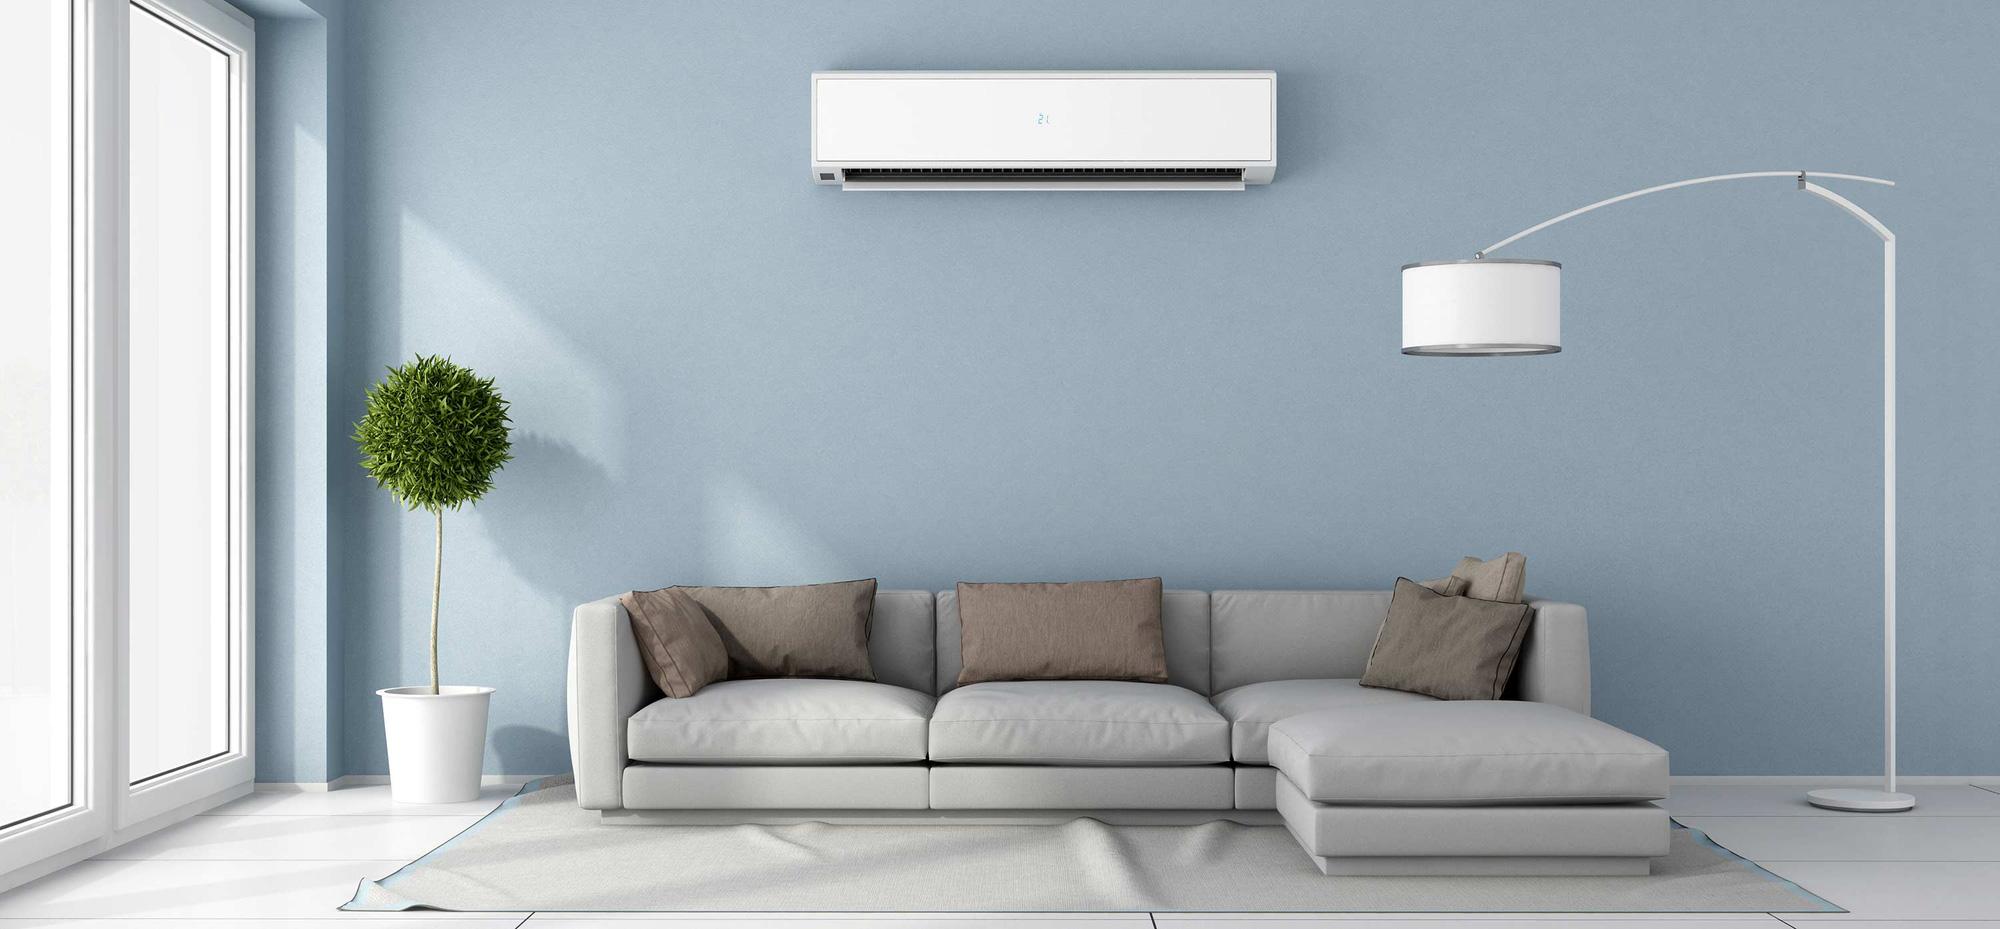 Nhiều sản phẩm điện lạnh giảm giá trong mùa dịch - Ảnh 1.